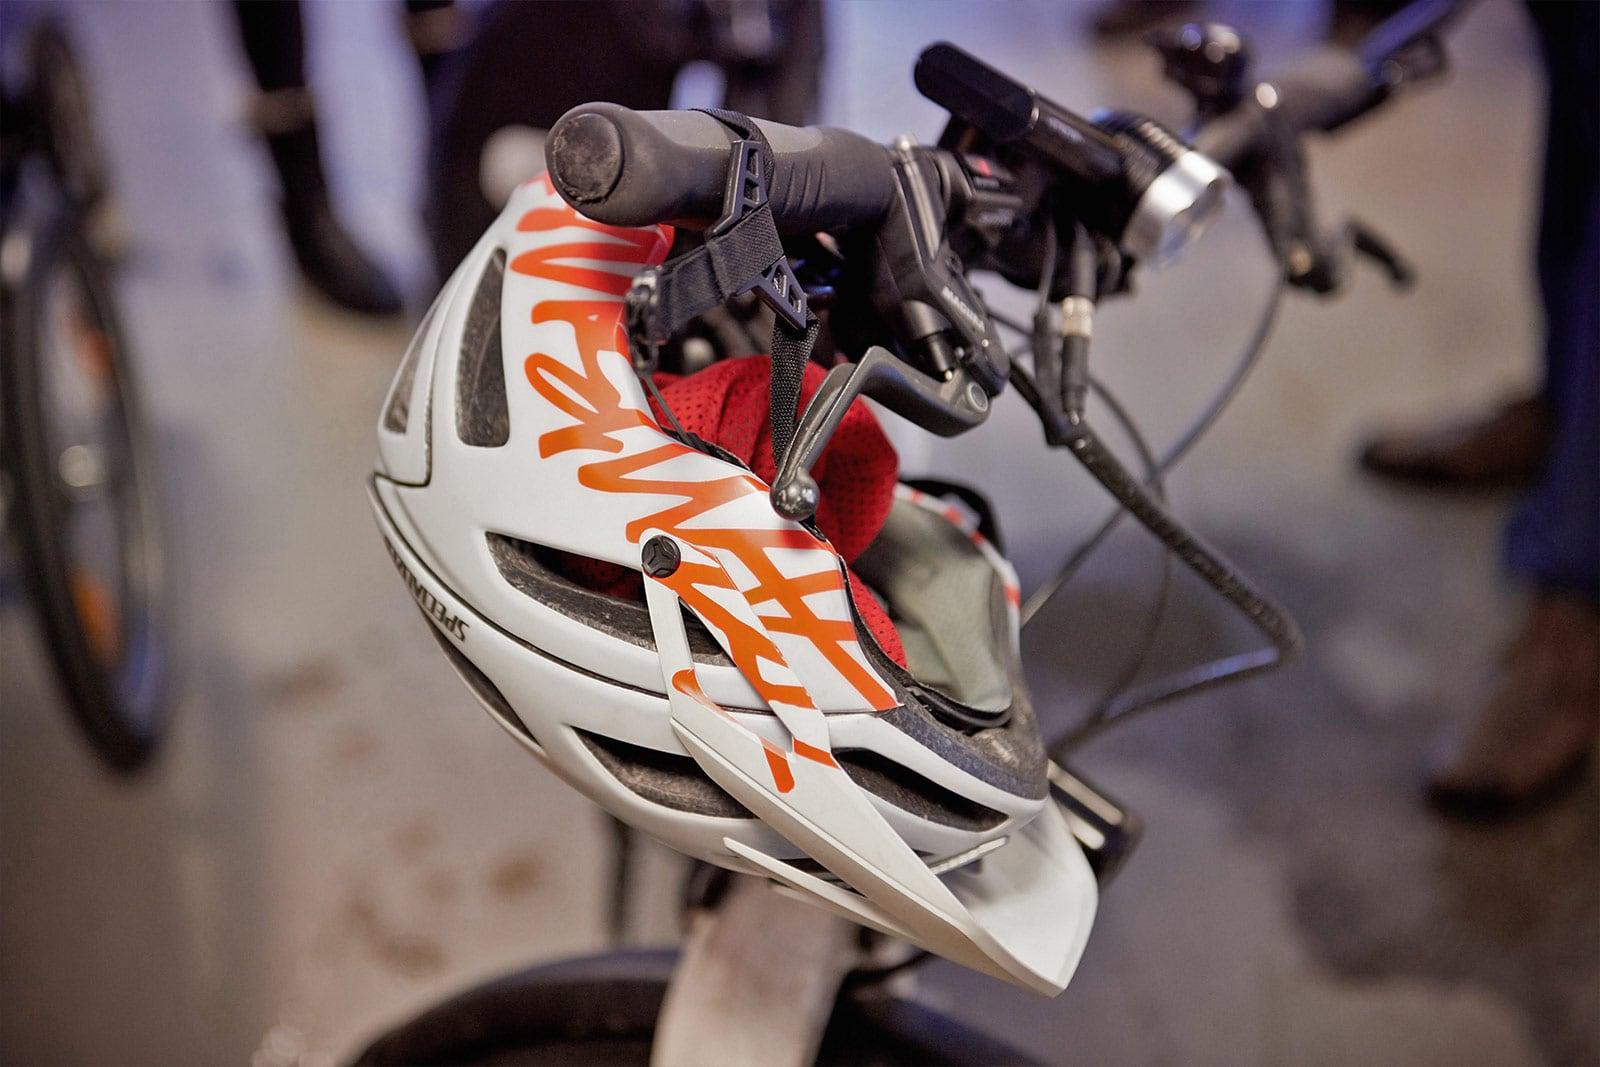 Helm am Lenker